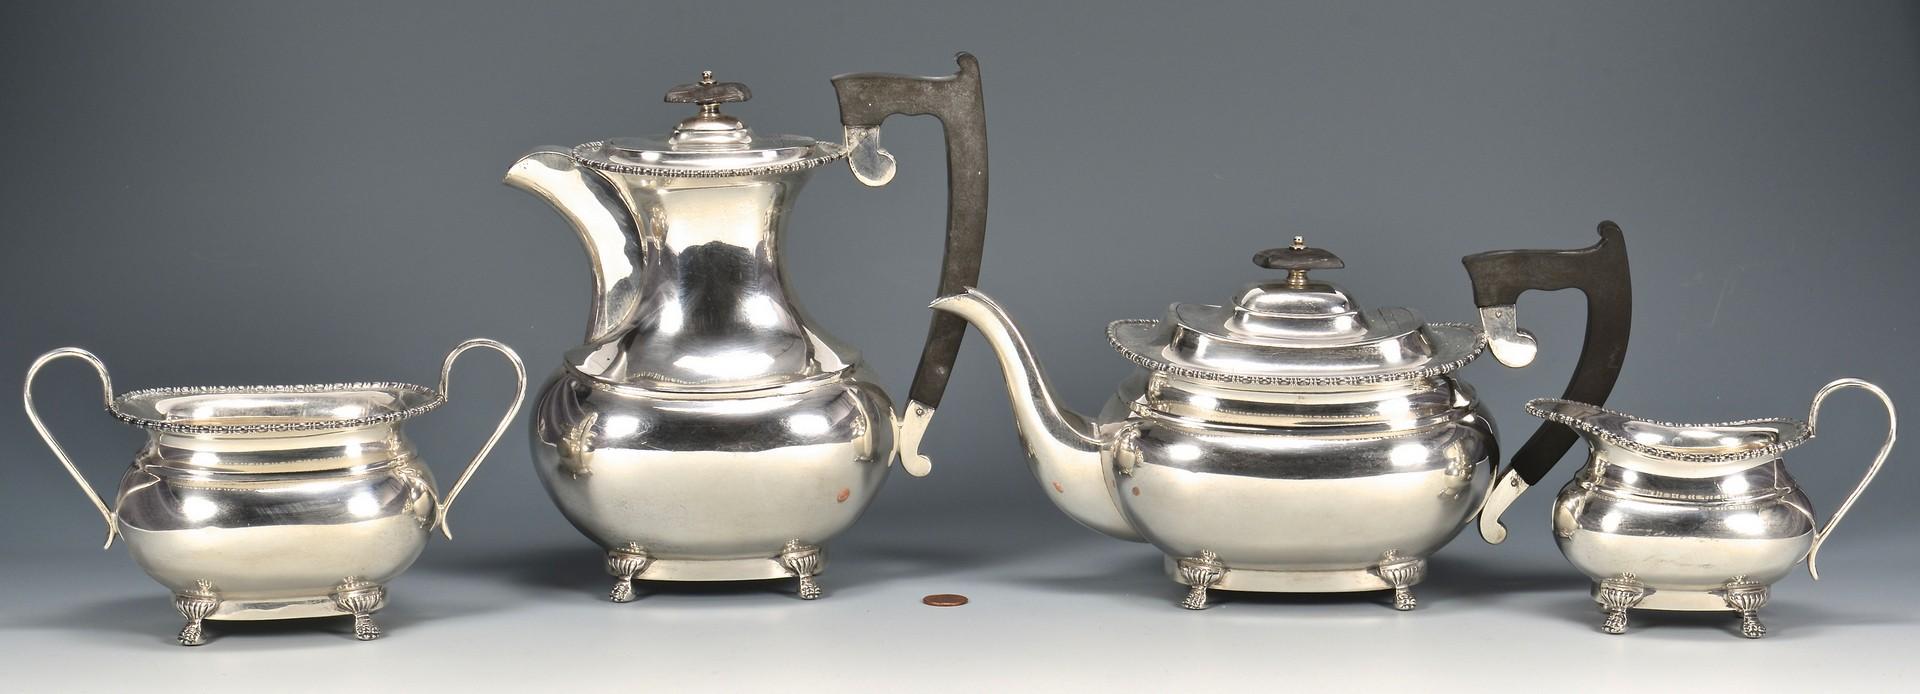 Lot 334: Viner Sheffield Sterling Tea Service